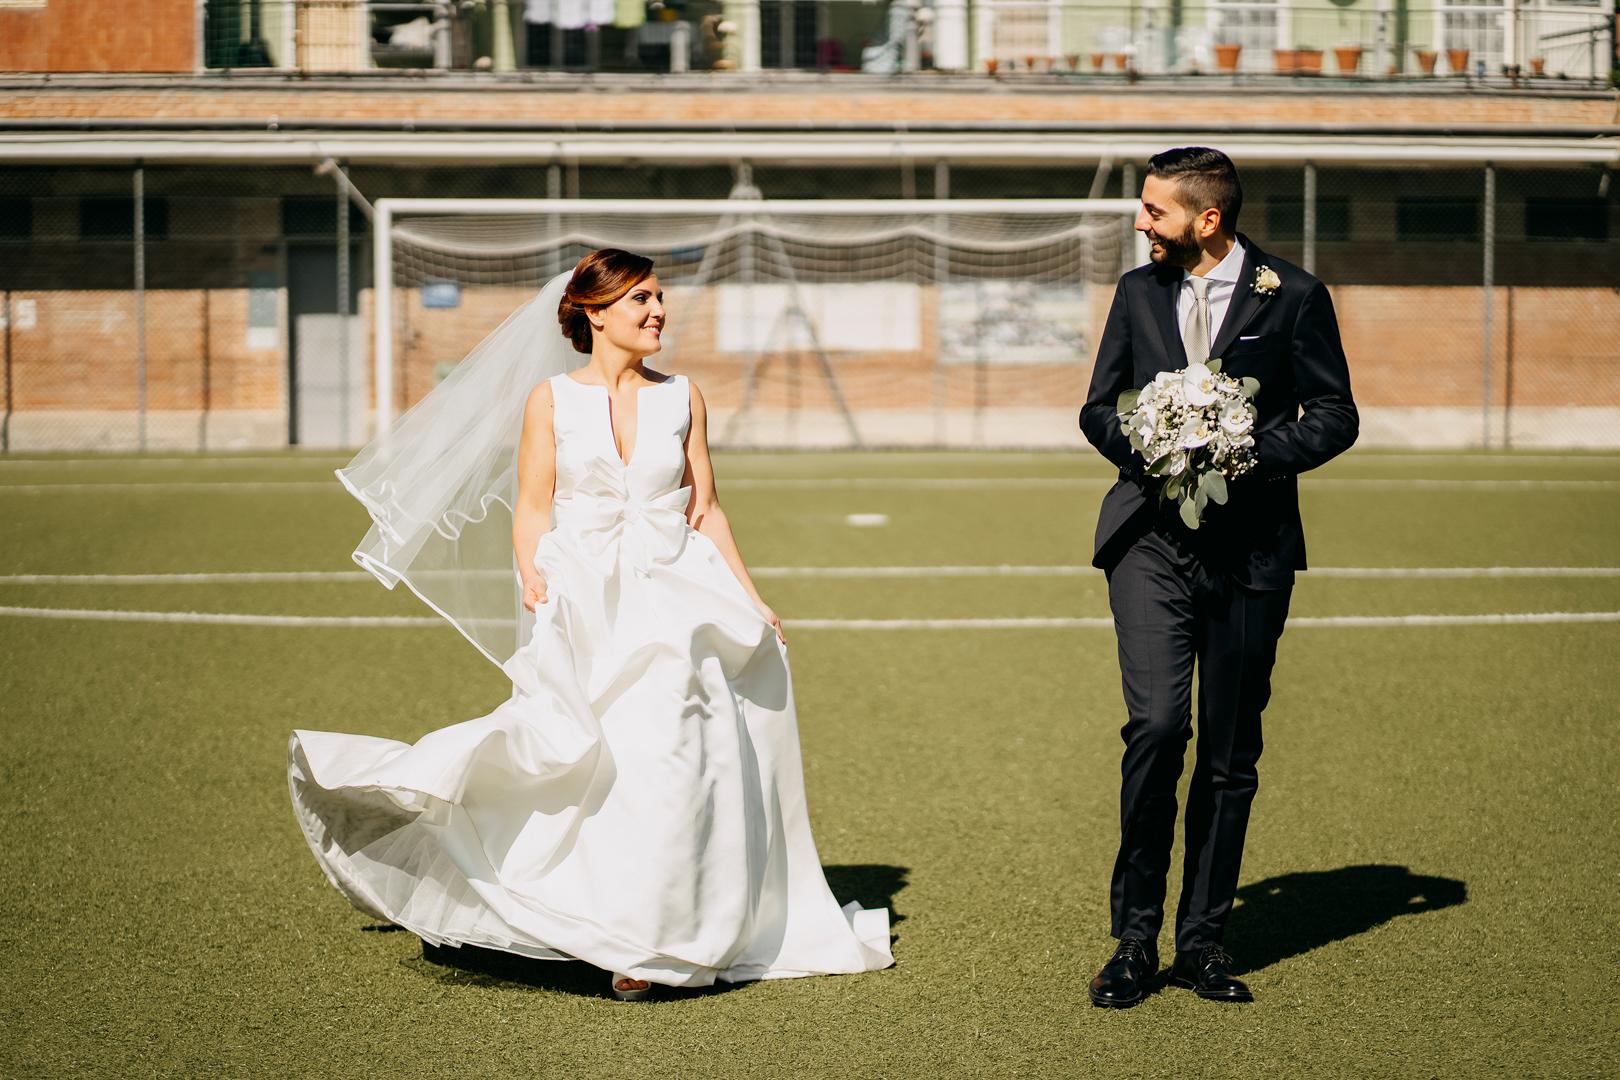 44 gianni-lepore-matrimonio-stadio-zaccaria-foggia